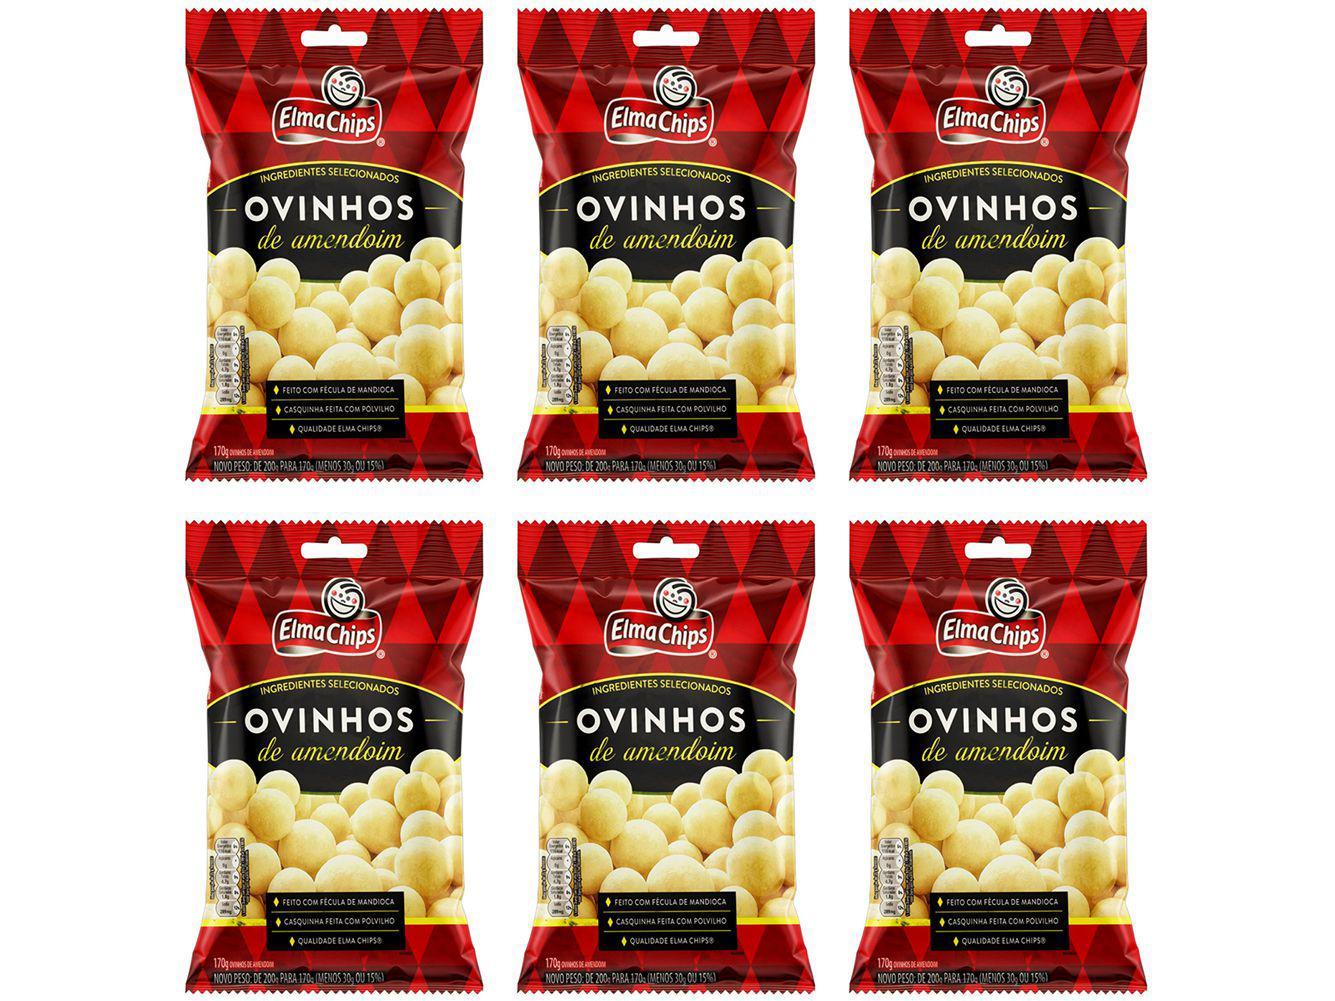 Amendoim Ovinhos Elma Chips 170g - 6 Unidades